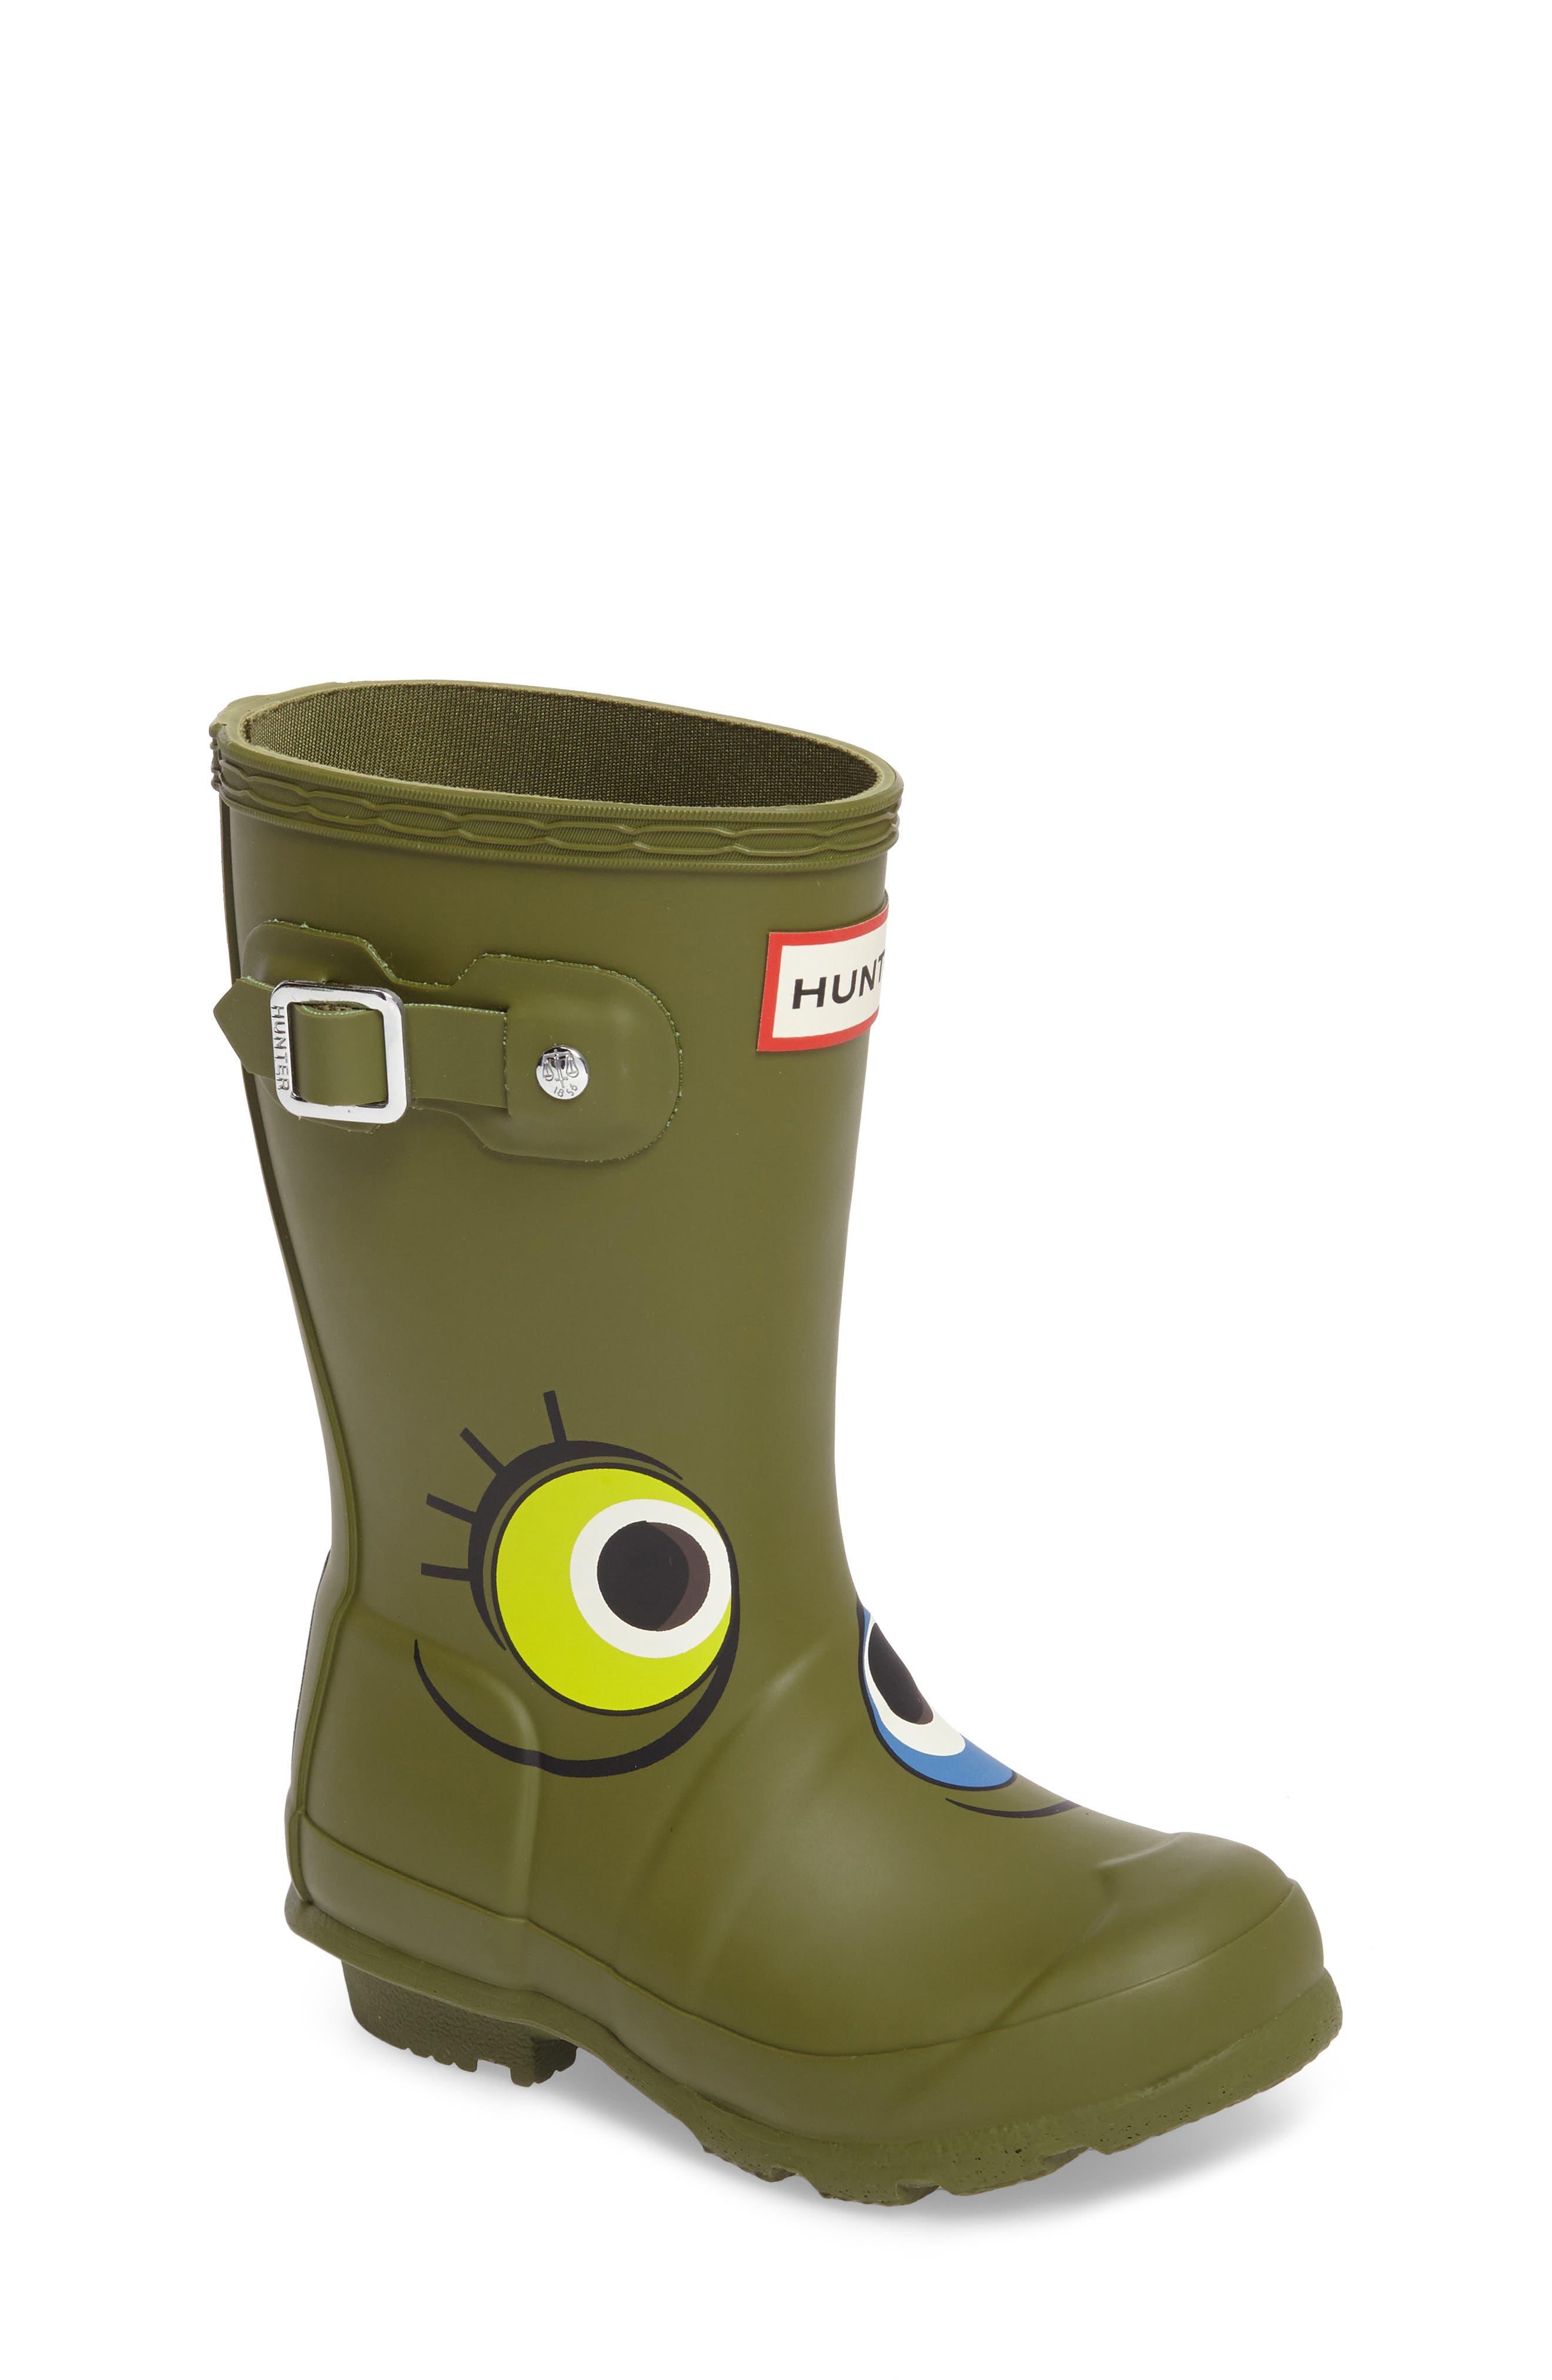 Main Image - Hunter Alien Waterproof Rain Boot (Toddler)